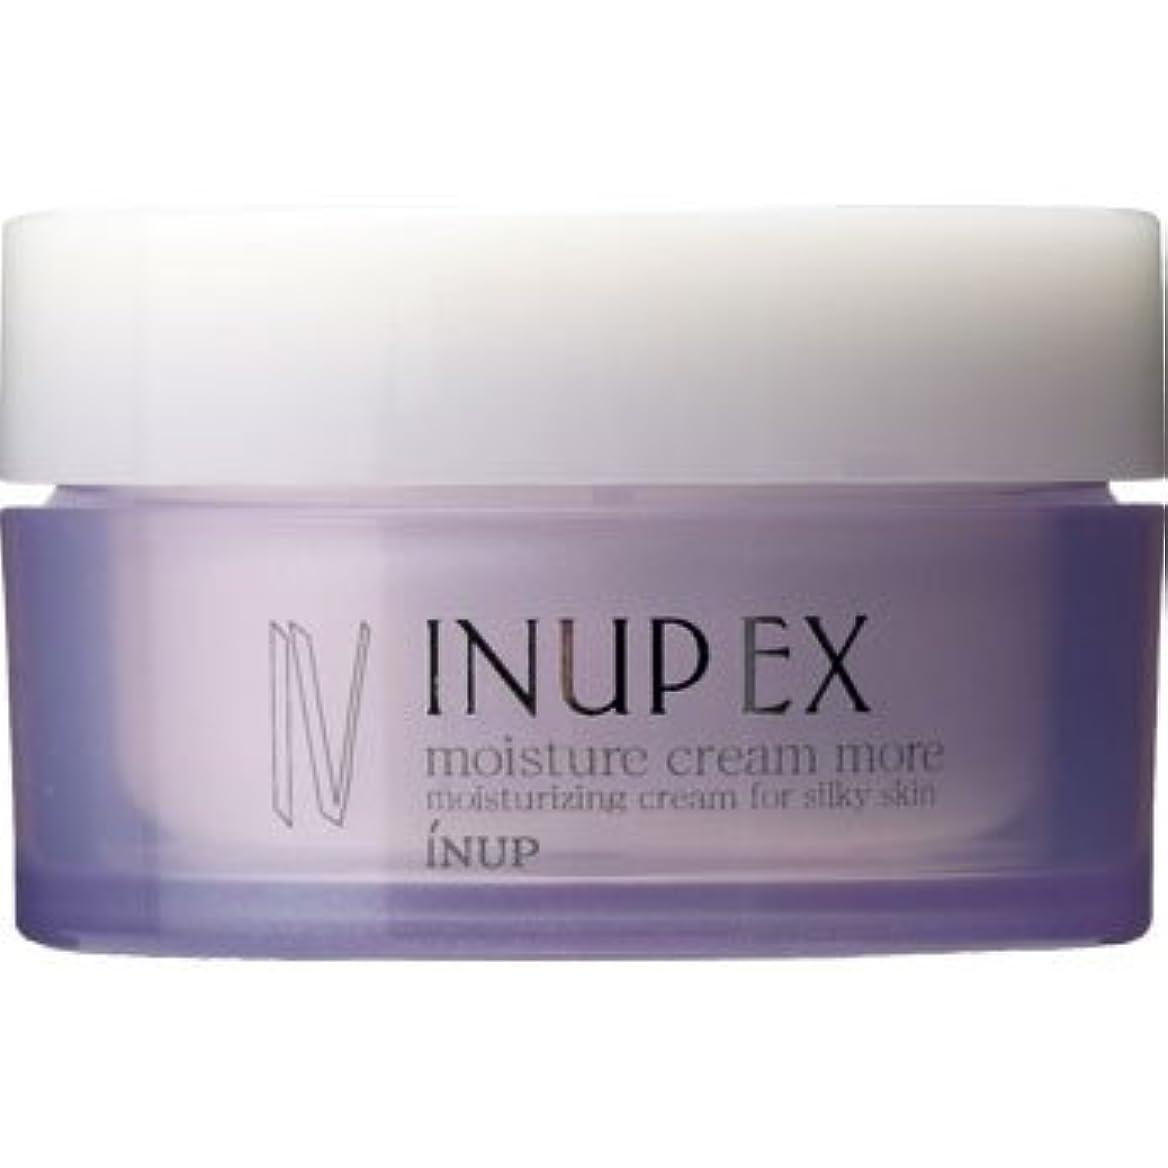 小人それに応じて始めるインナップEX 保湿クリーム (潤い効果アップ) モイスチャークリーム MD (スパチュラ付)[弱酸性] 30g